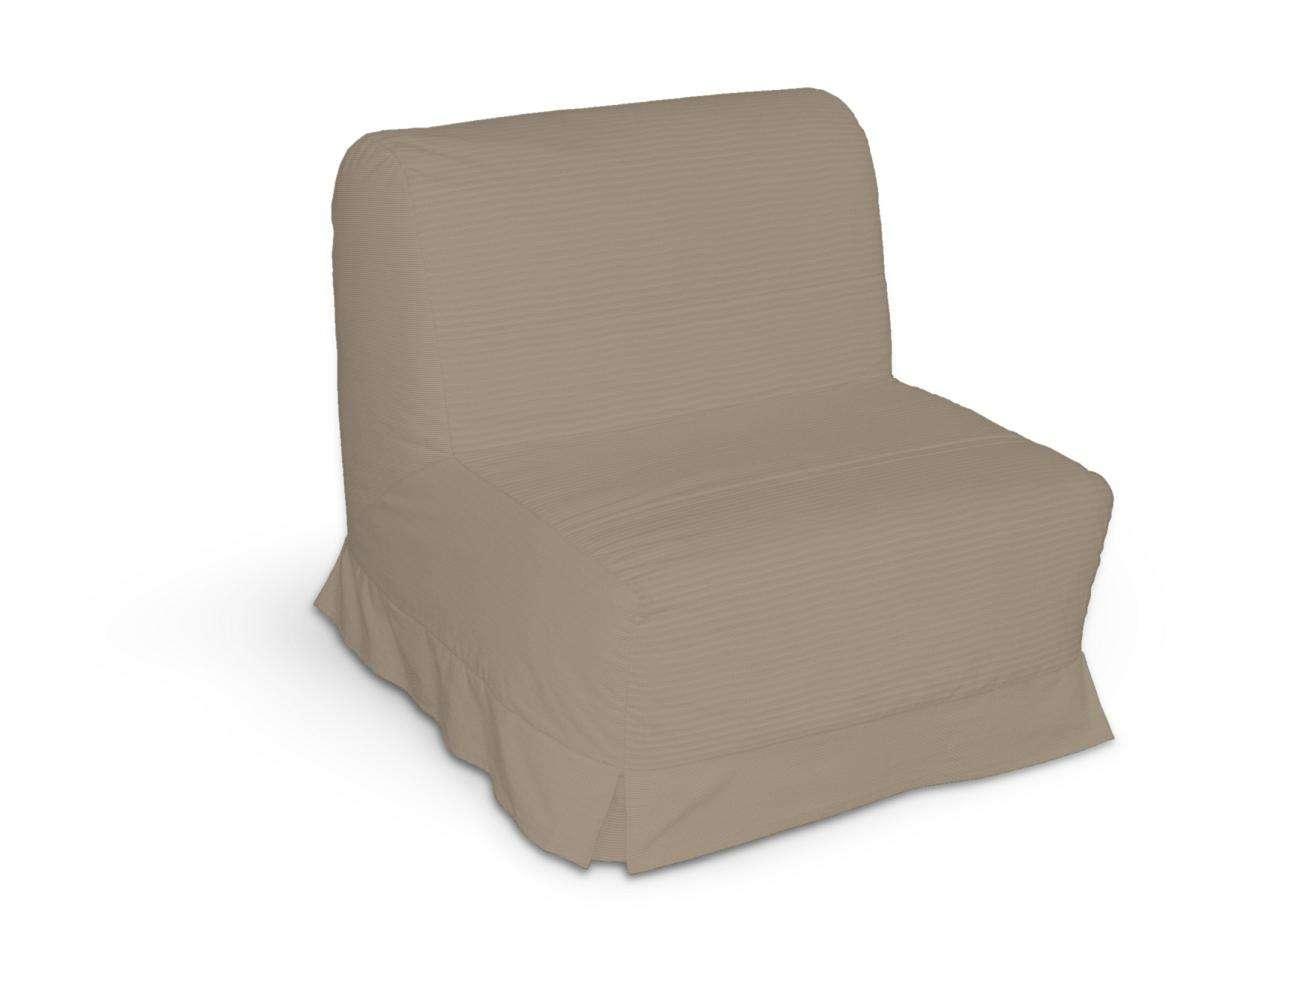 Pokrowiec na fotel Lycksele z kontrafałdami sofa Lycksele 1os. w kolekcji Cotton Panama, tkanina: 702-28